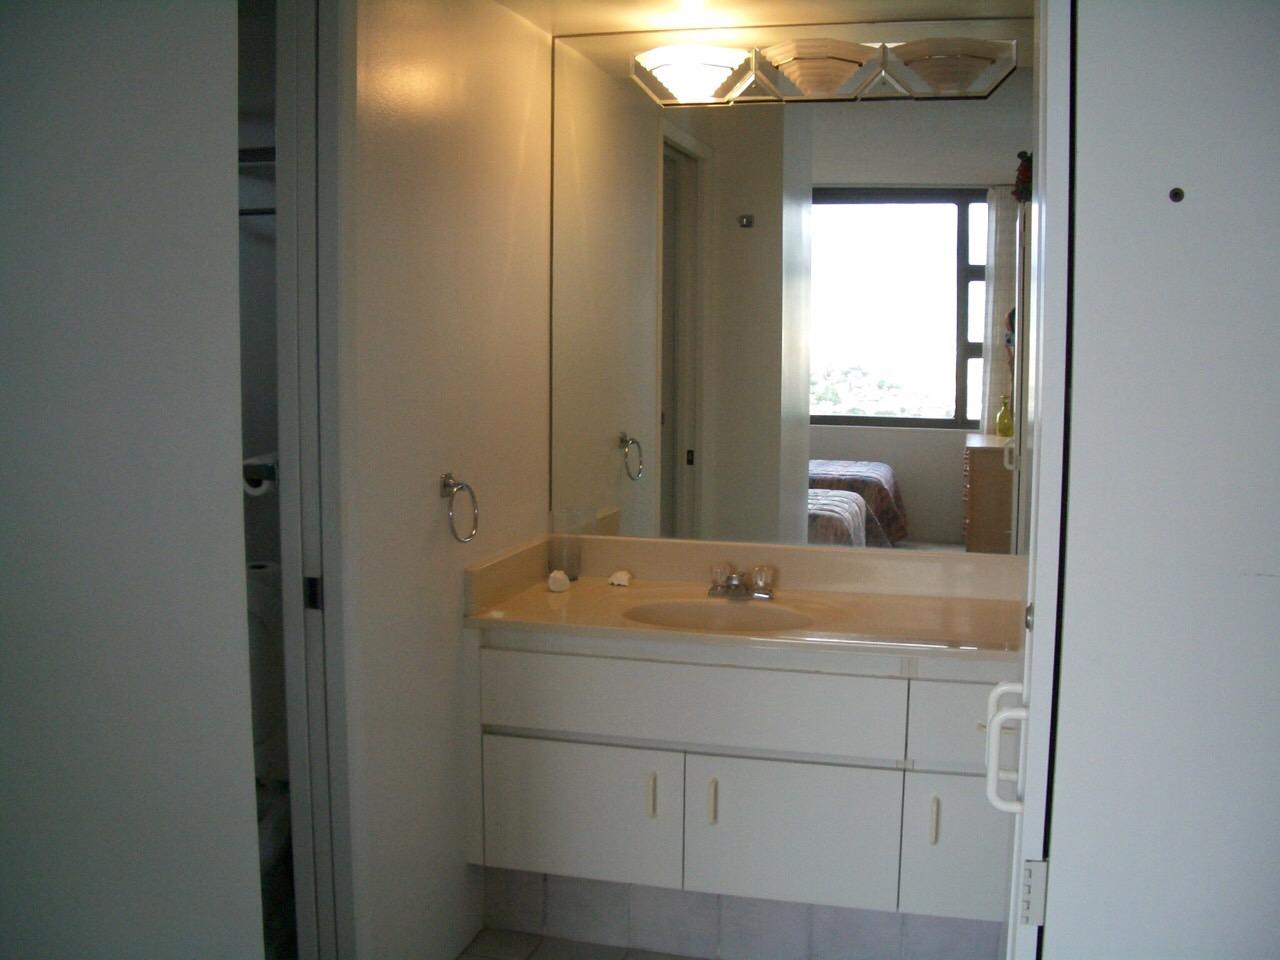 ワイキキバニアンのバスルーム